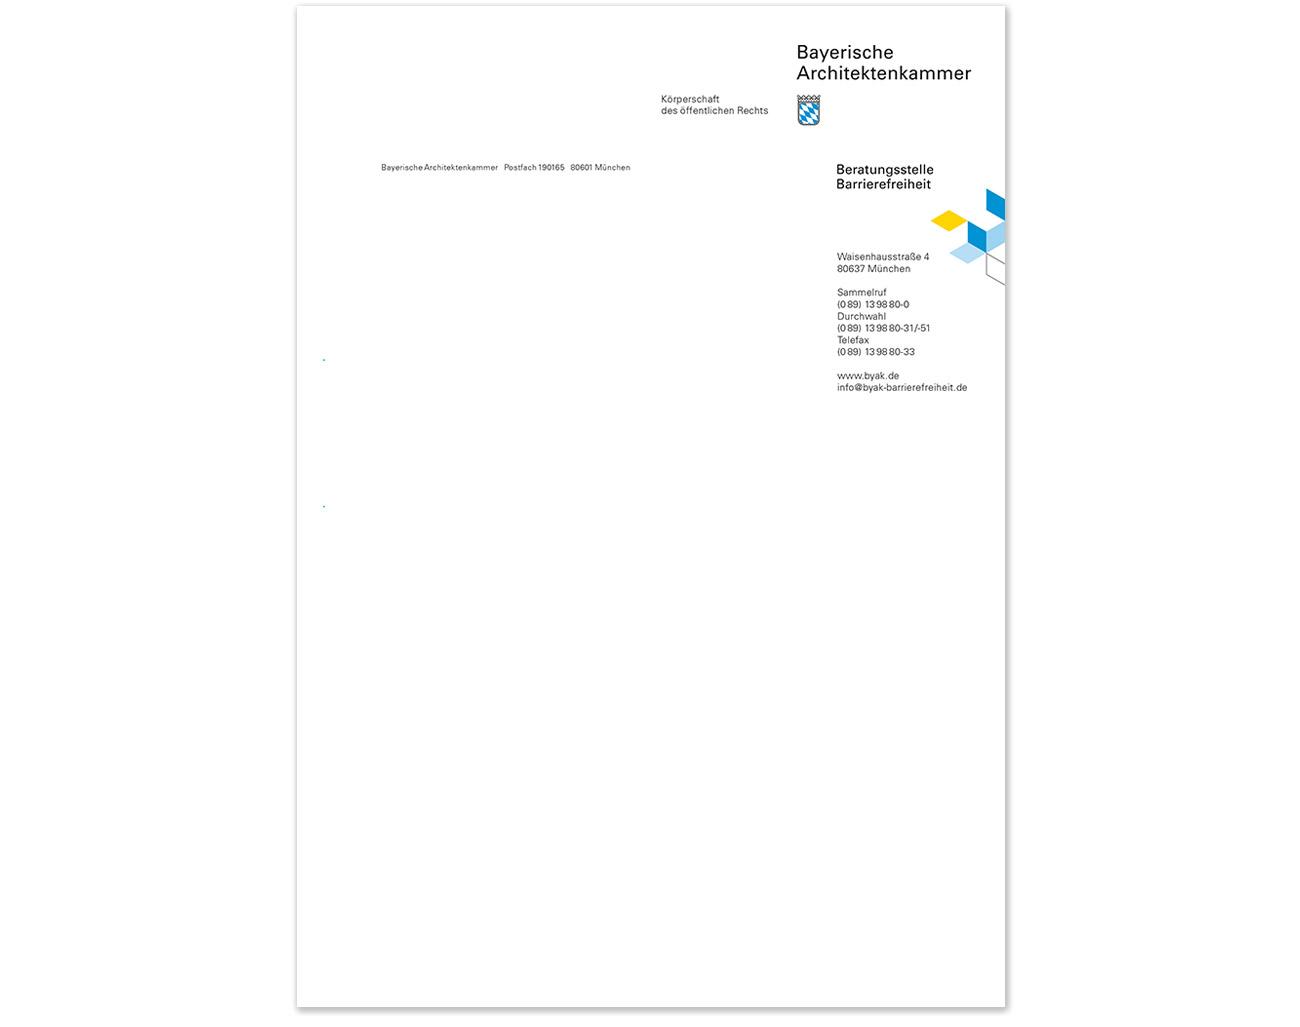 Briefbogen, Beratungsstelle Barrierefreiheit, Bayerischen Architektenkammer